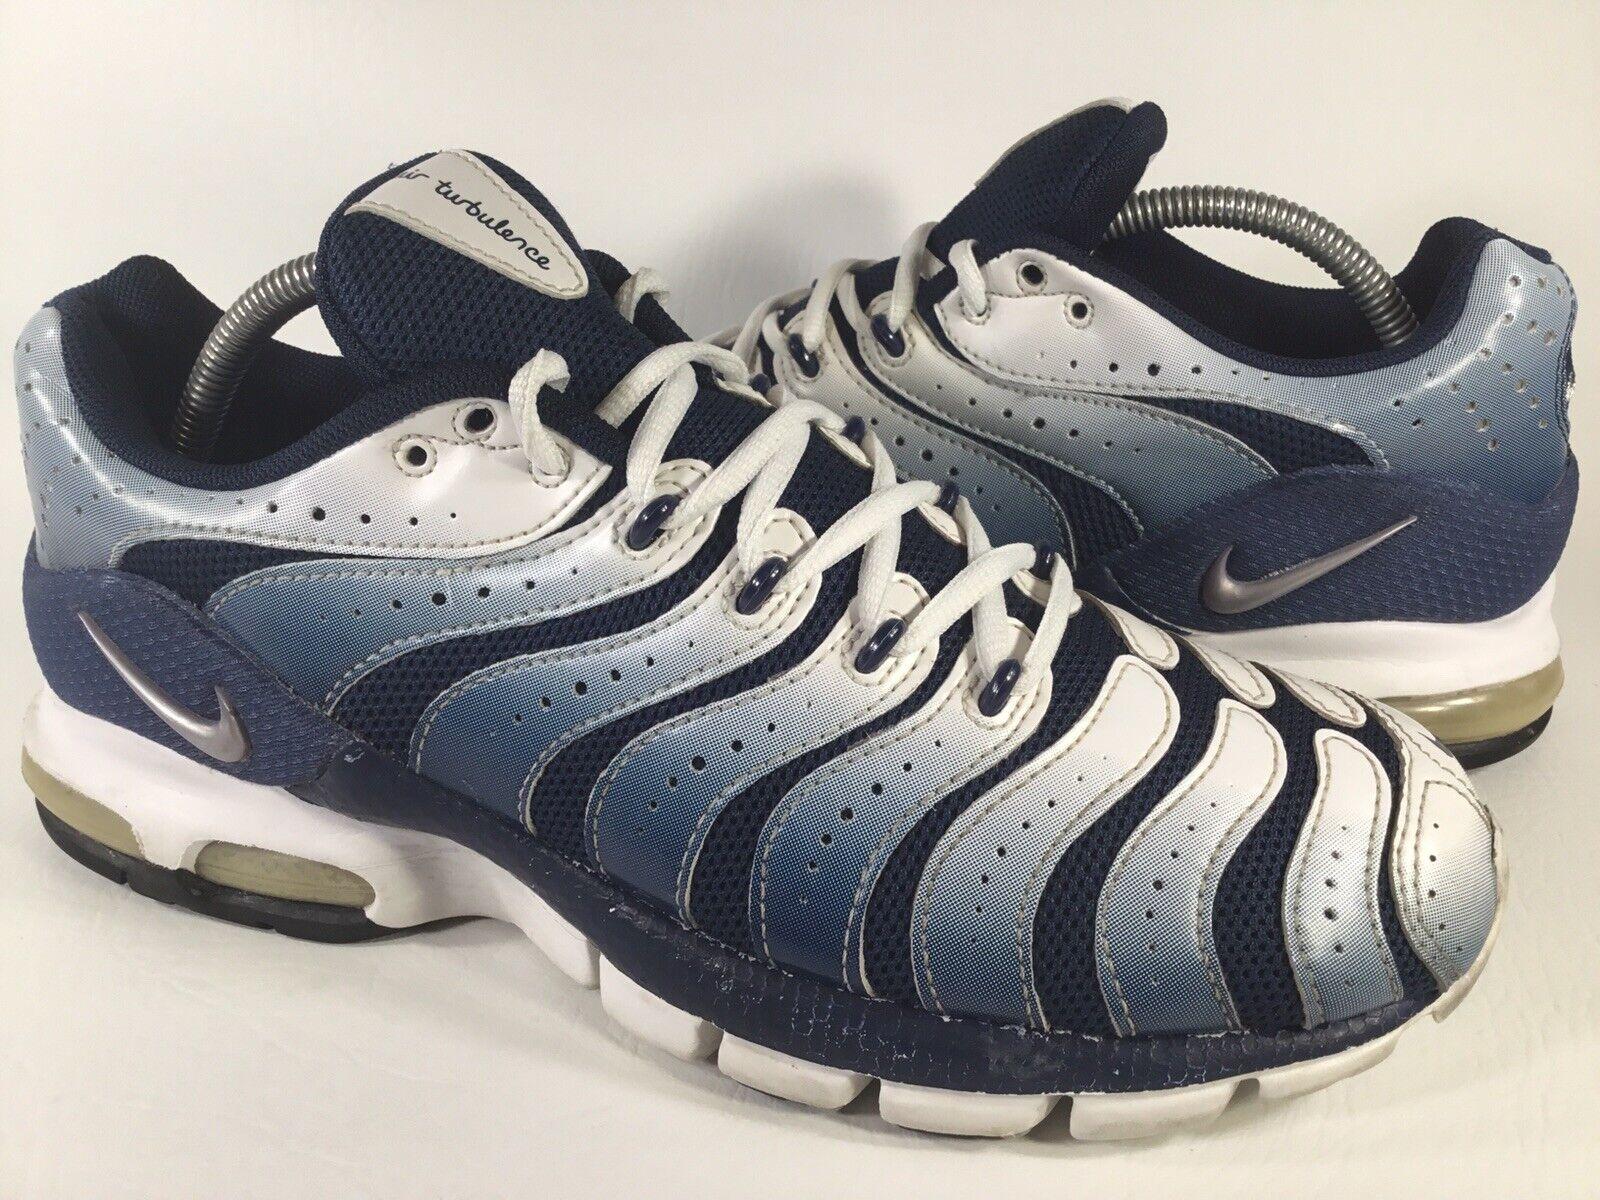 Nike Air Max Turbulence Royal Blau Weiß grau 2004 Mens Größe 9.5 Selten 307802-402